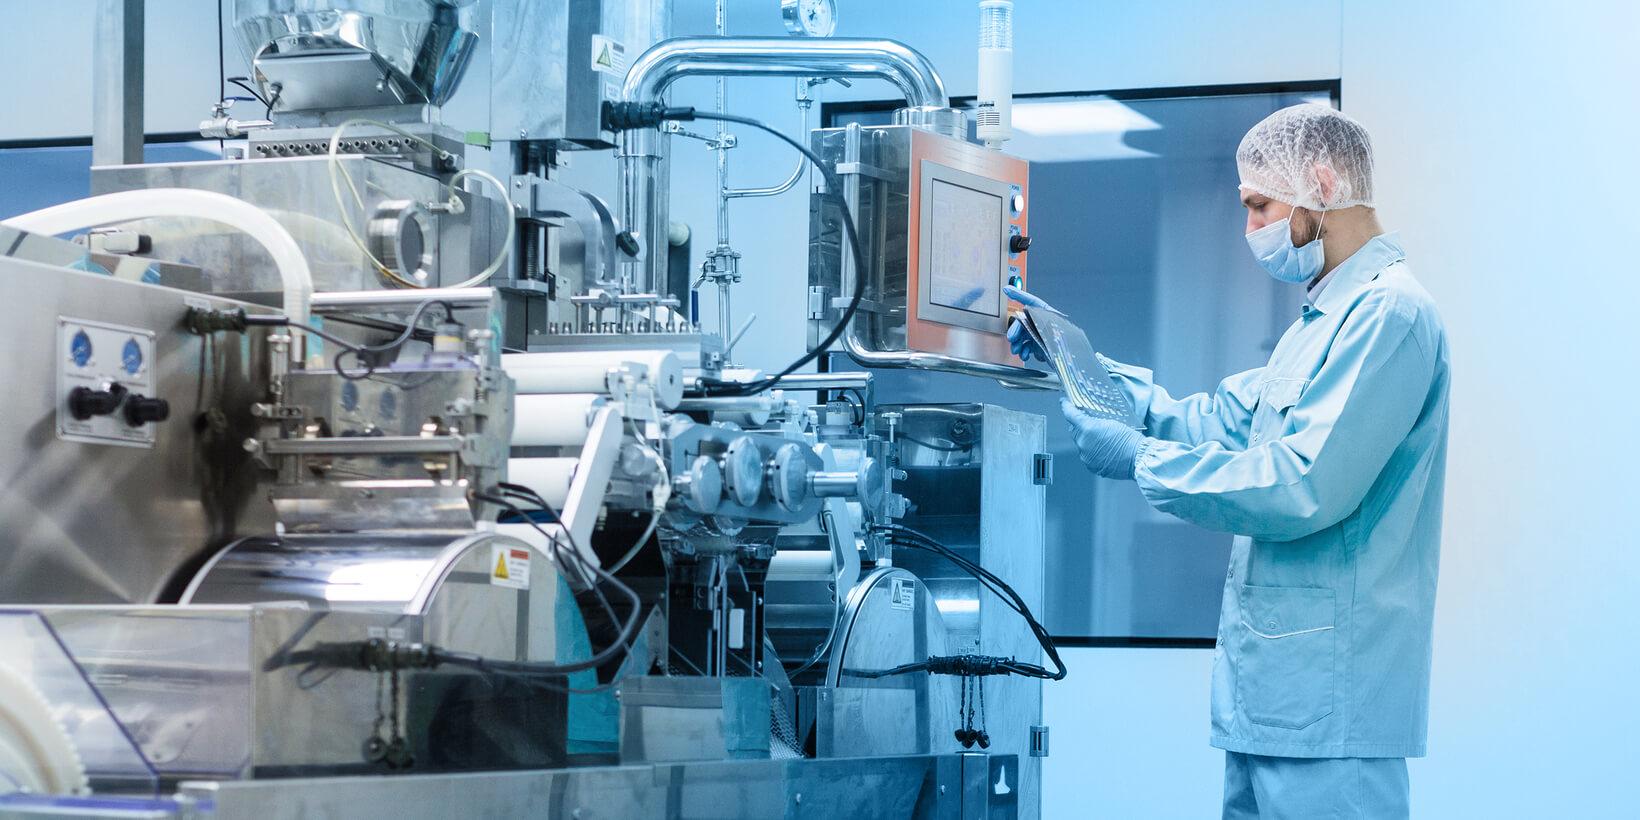 einsatzbereich labor medizin.jpg